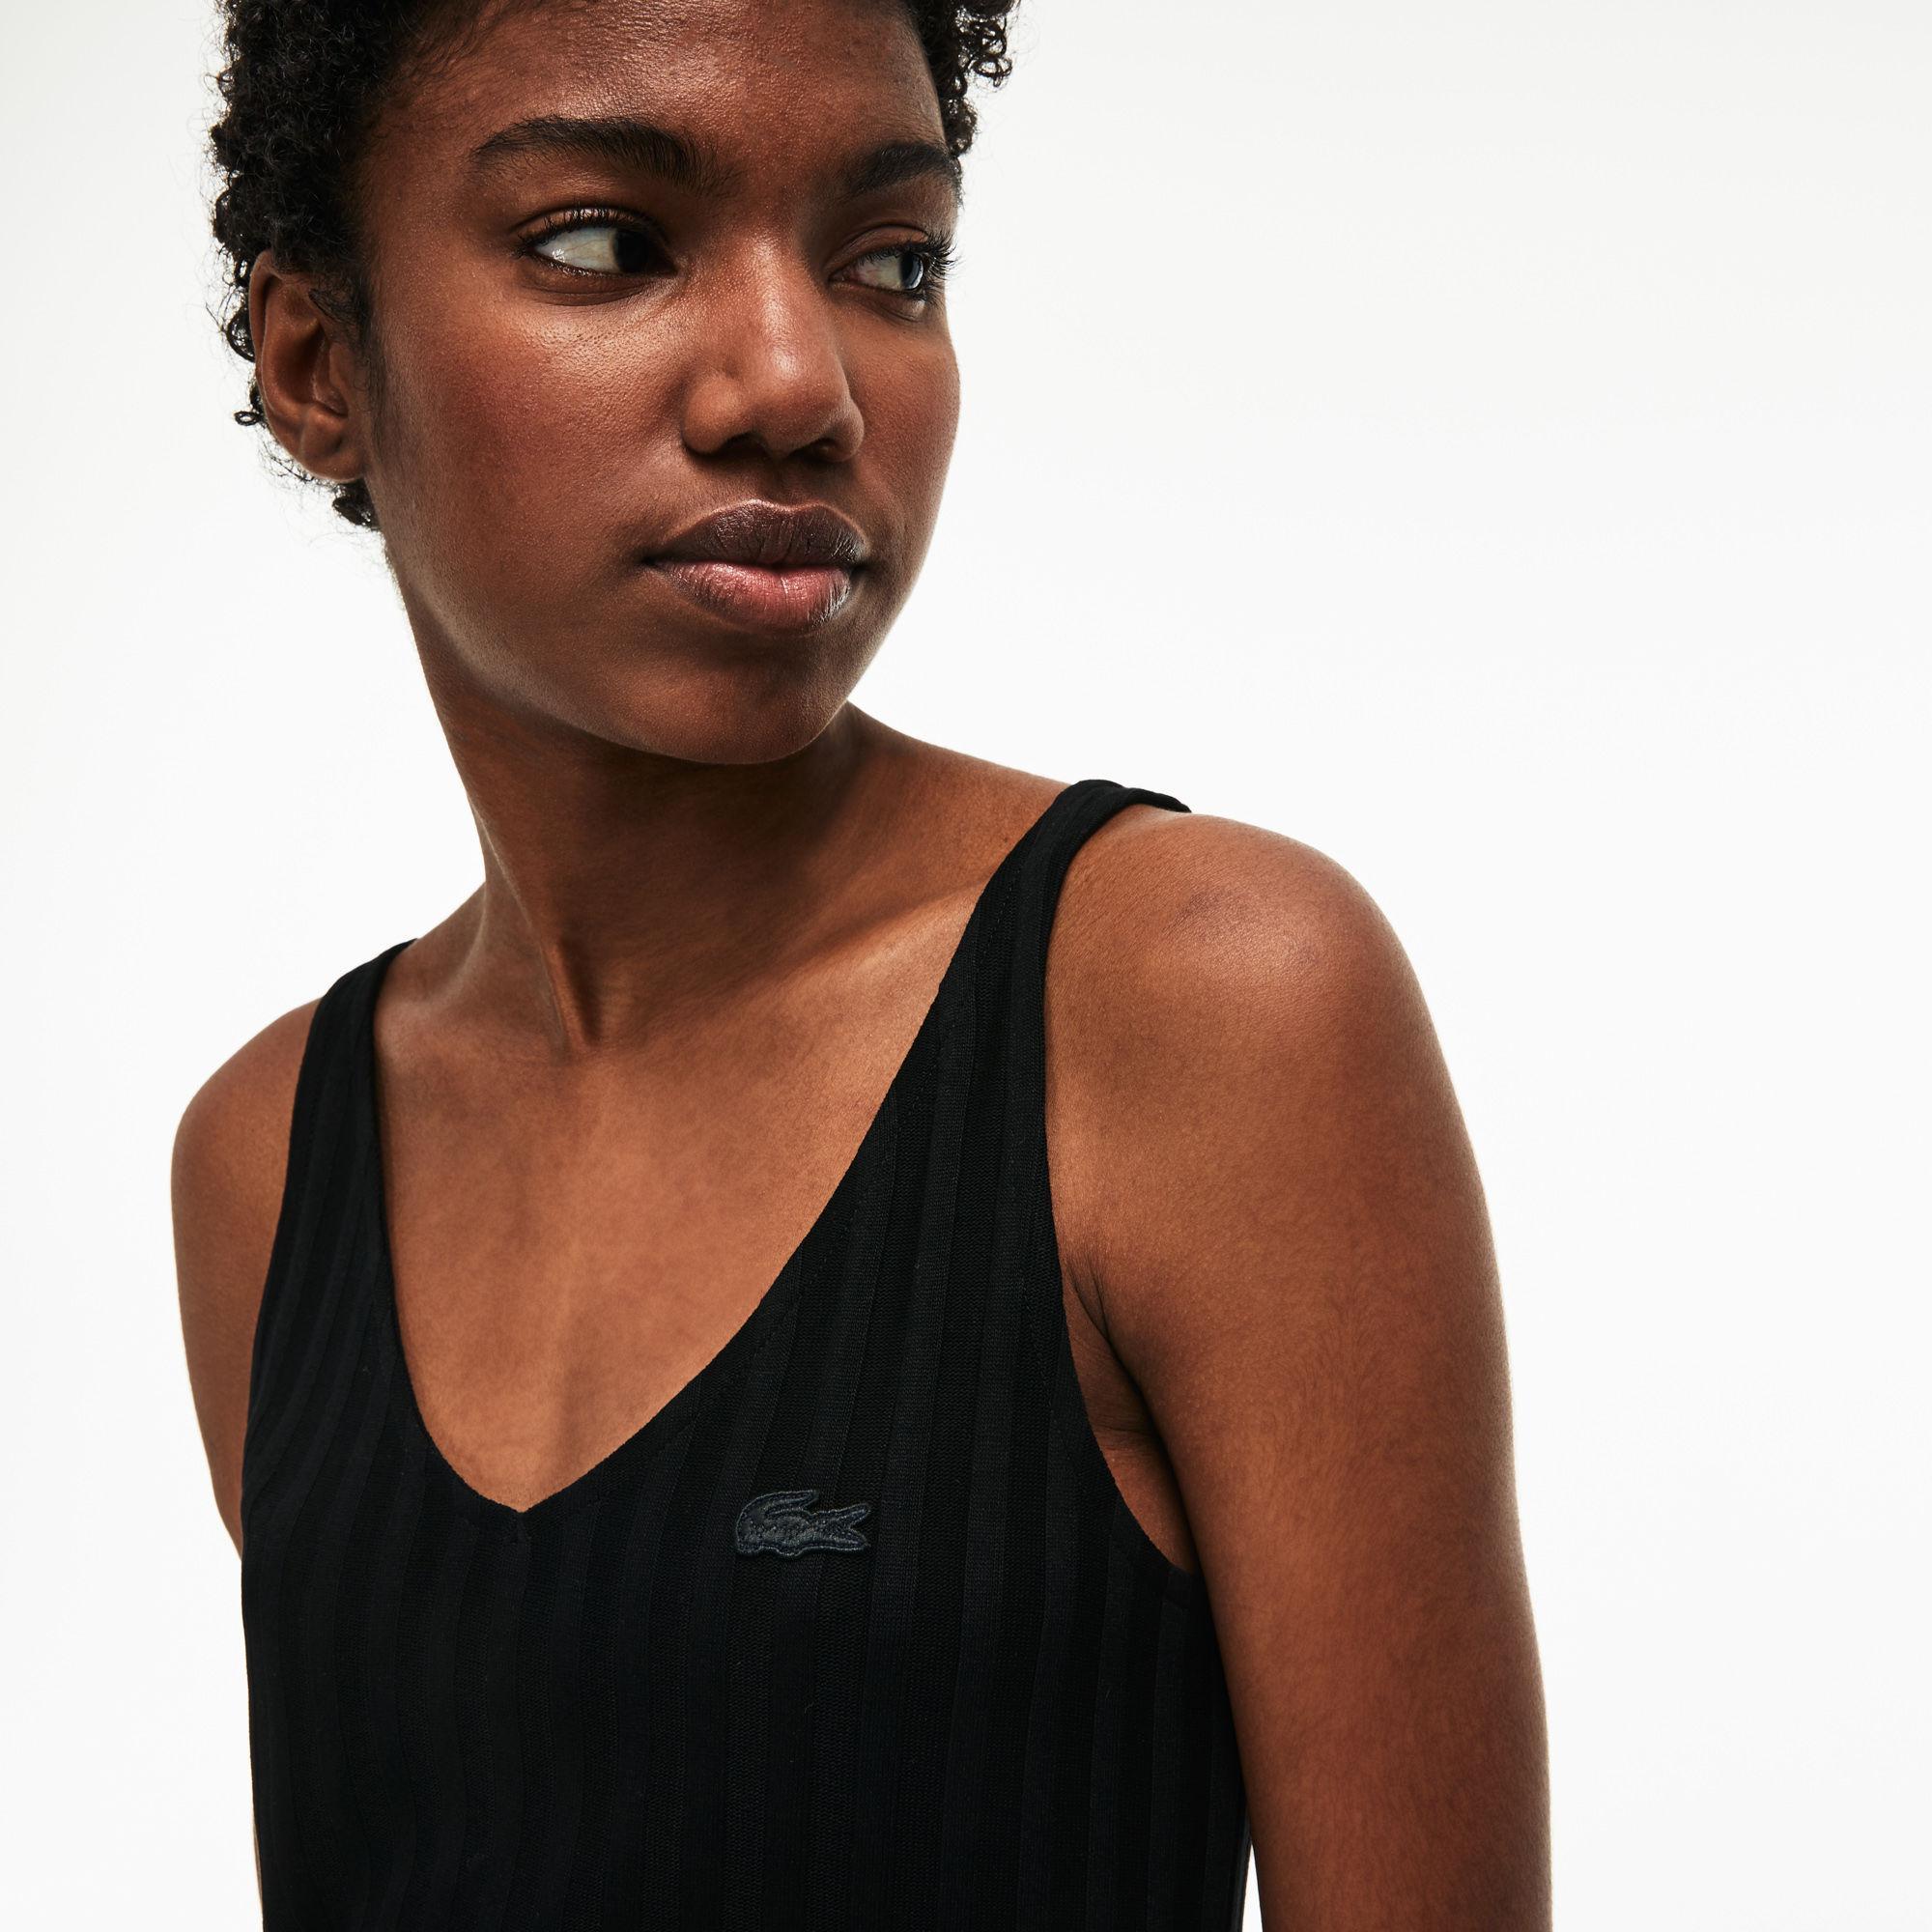 b2ebaaf486 Lacoste Black V-neck Ribbed Knit Tank Top